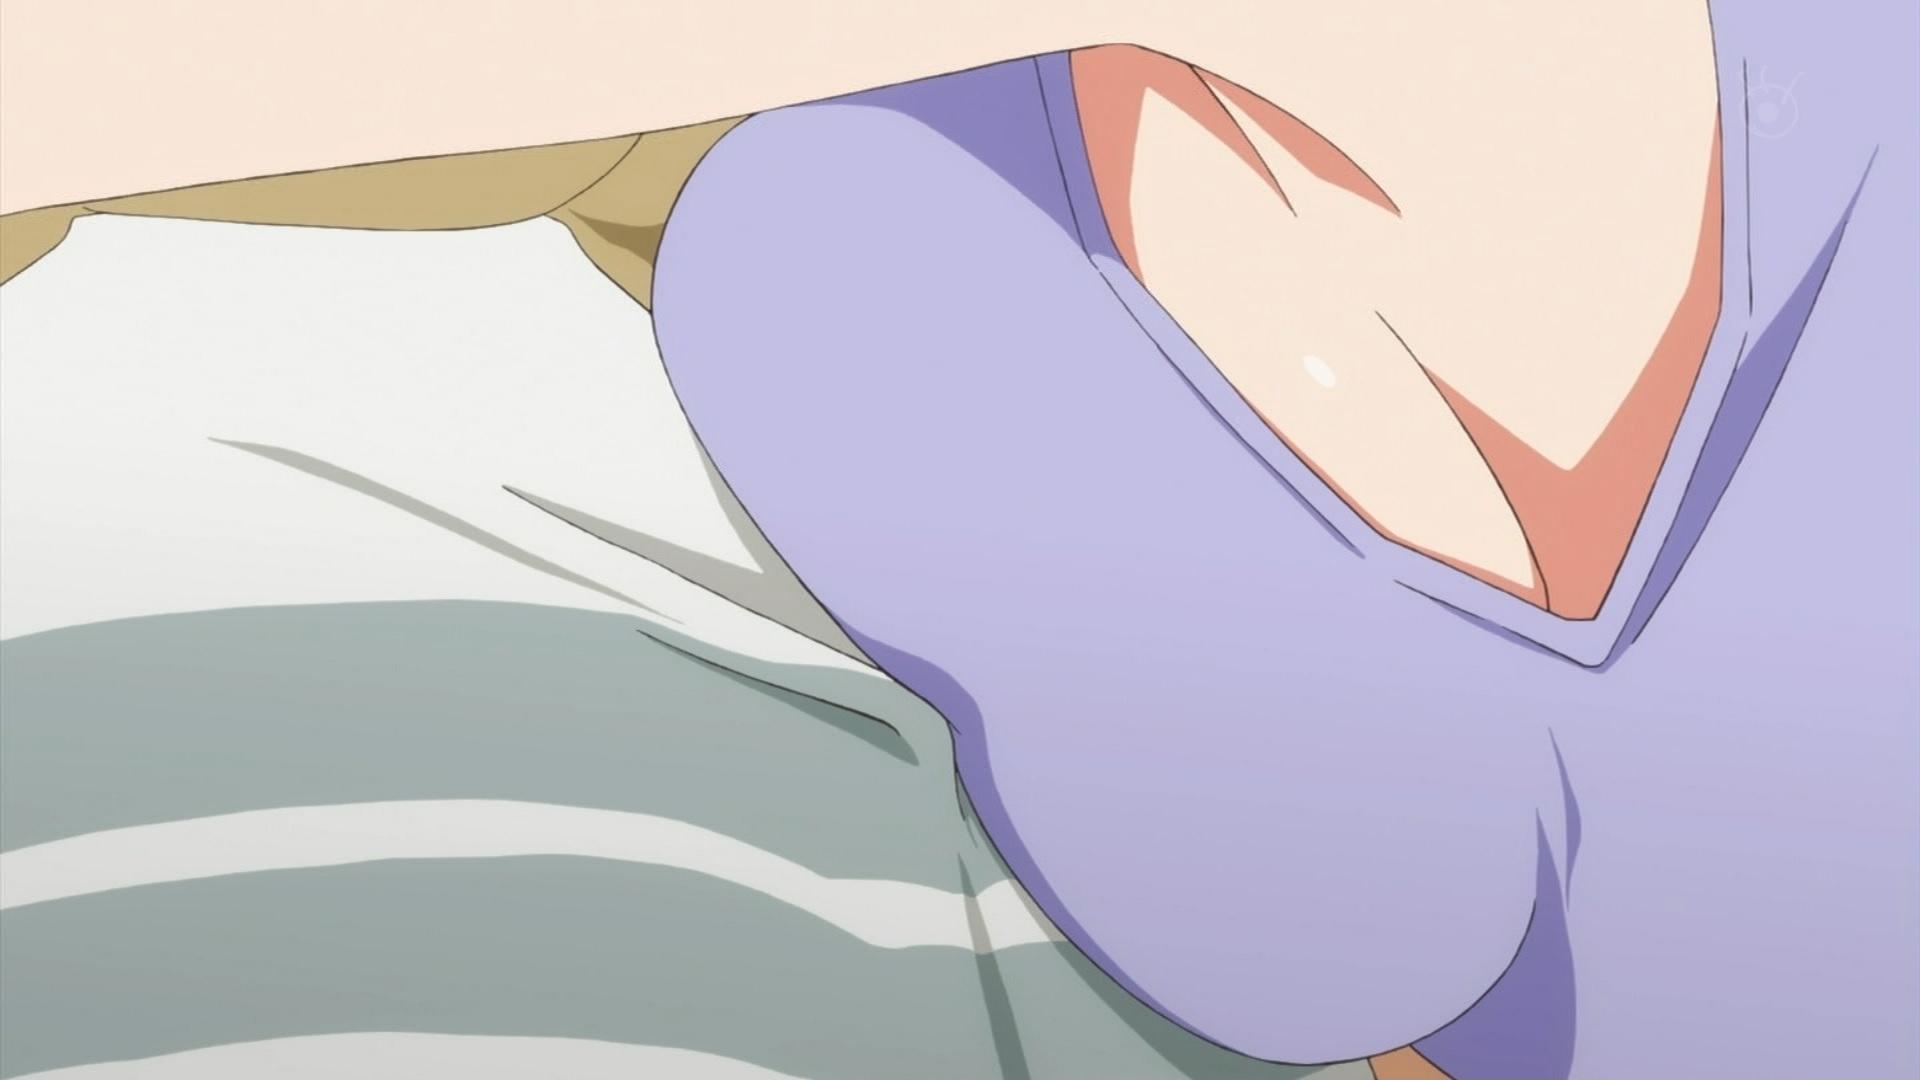 氷堂美智留の胸と腋(冴えない彼女の育てかた♭3話画像)